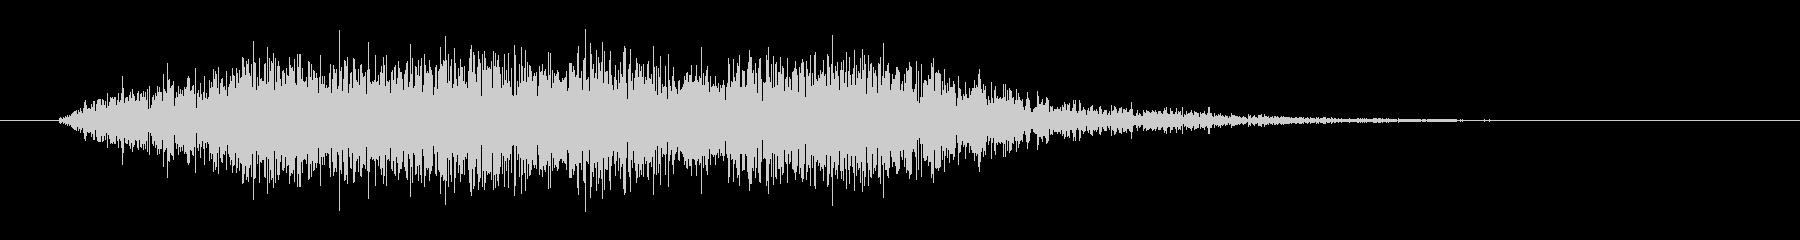 ホラーな低音コーラス ブラス 恐怖の場面の未再生の波形